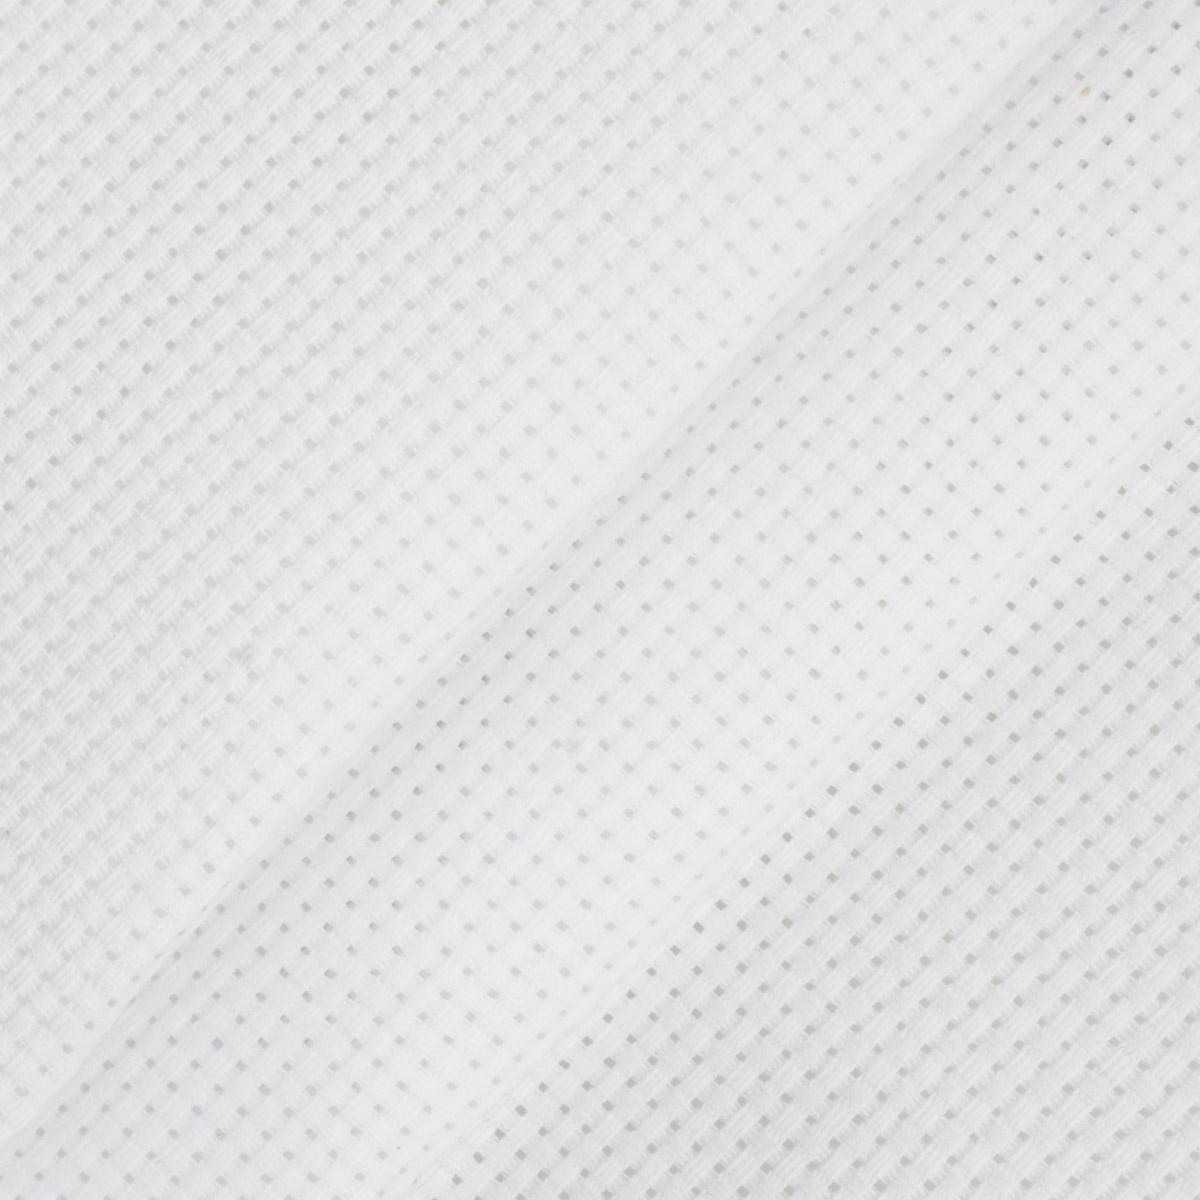 624010 Канва 11C/T, белая, 150 см*50 м, Bestex